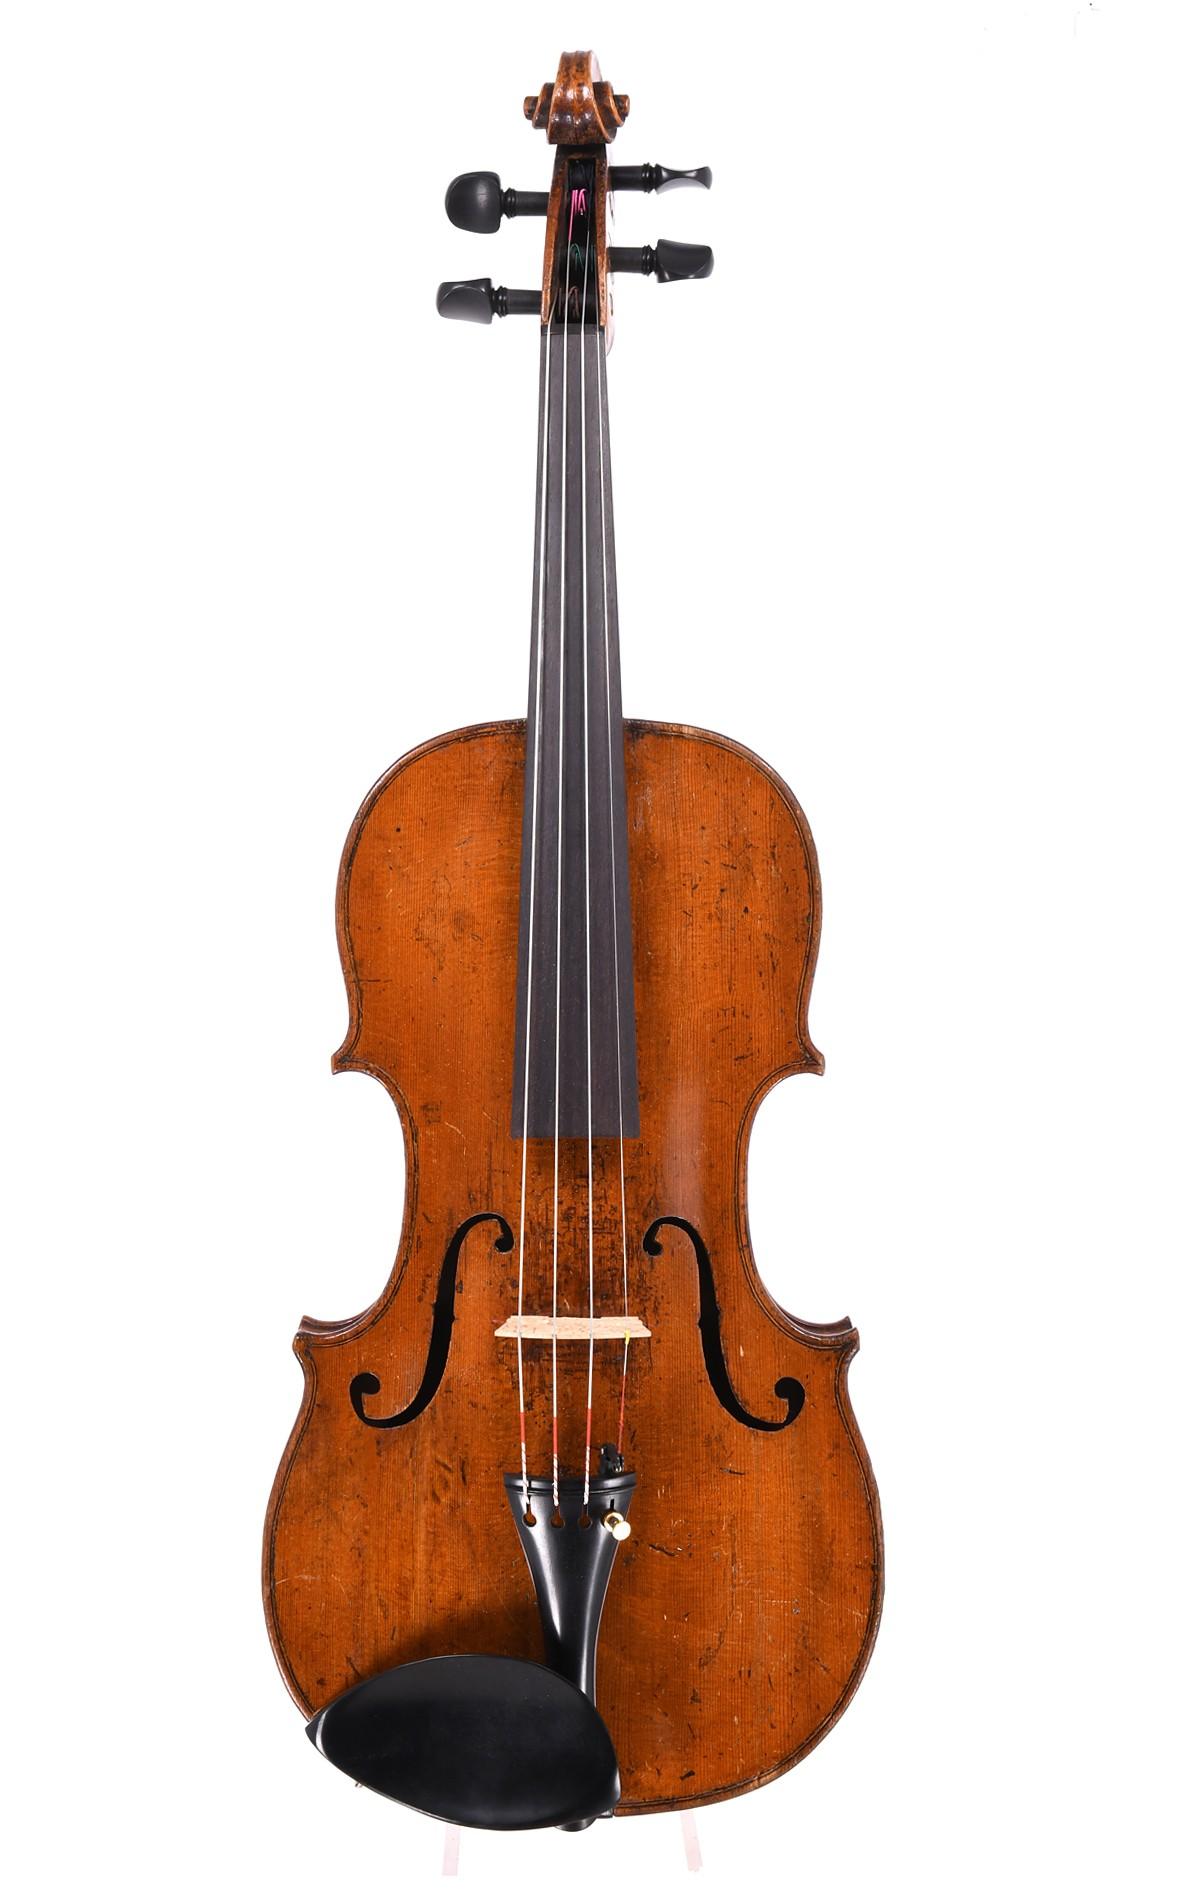 Violine von Johann Christoph Merz junior, Klingenthal 1826